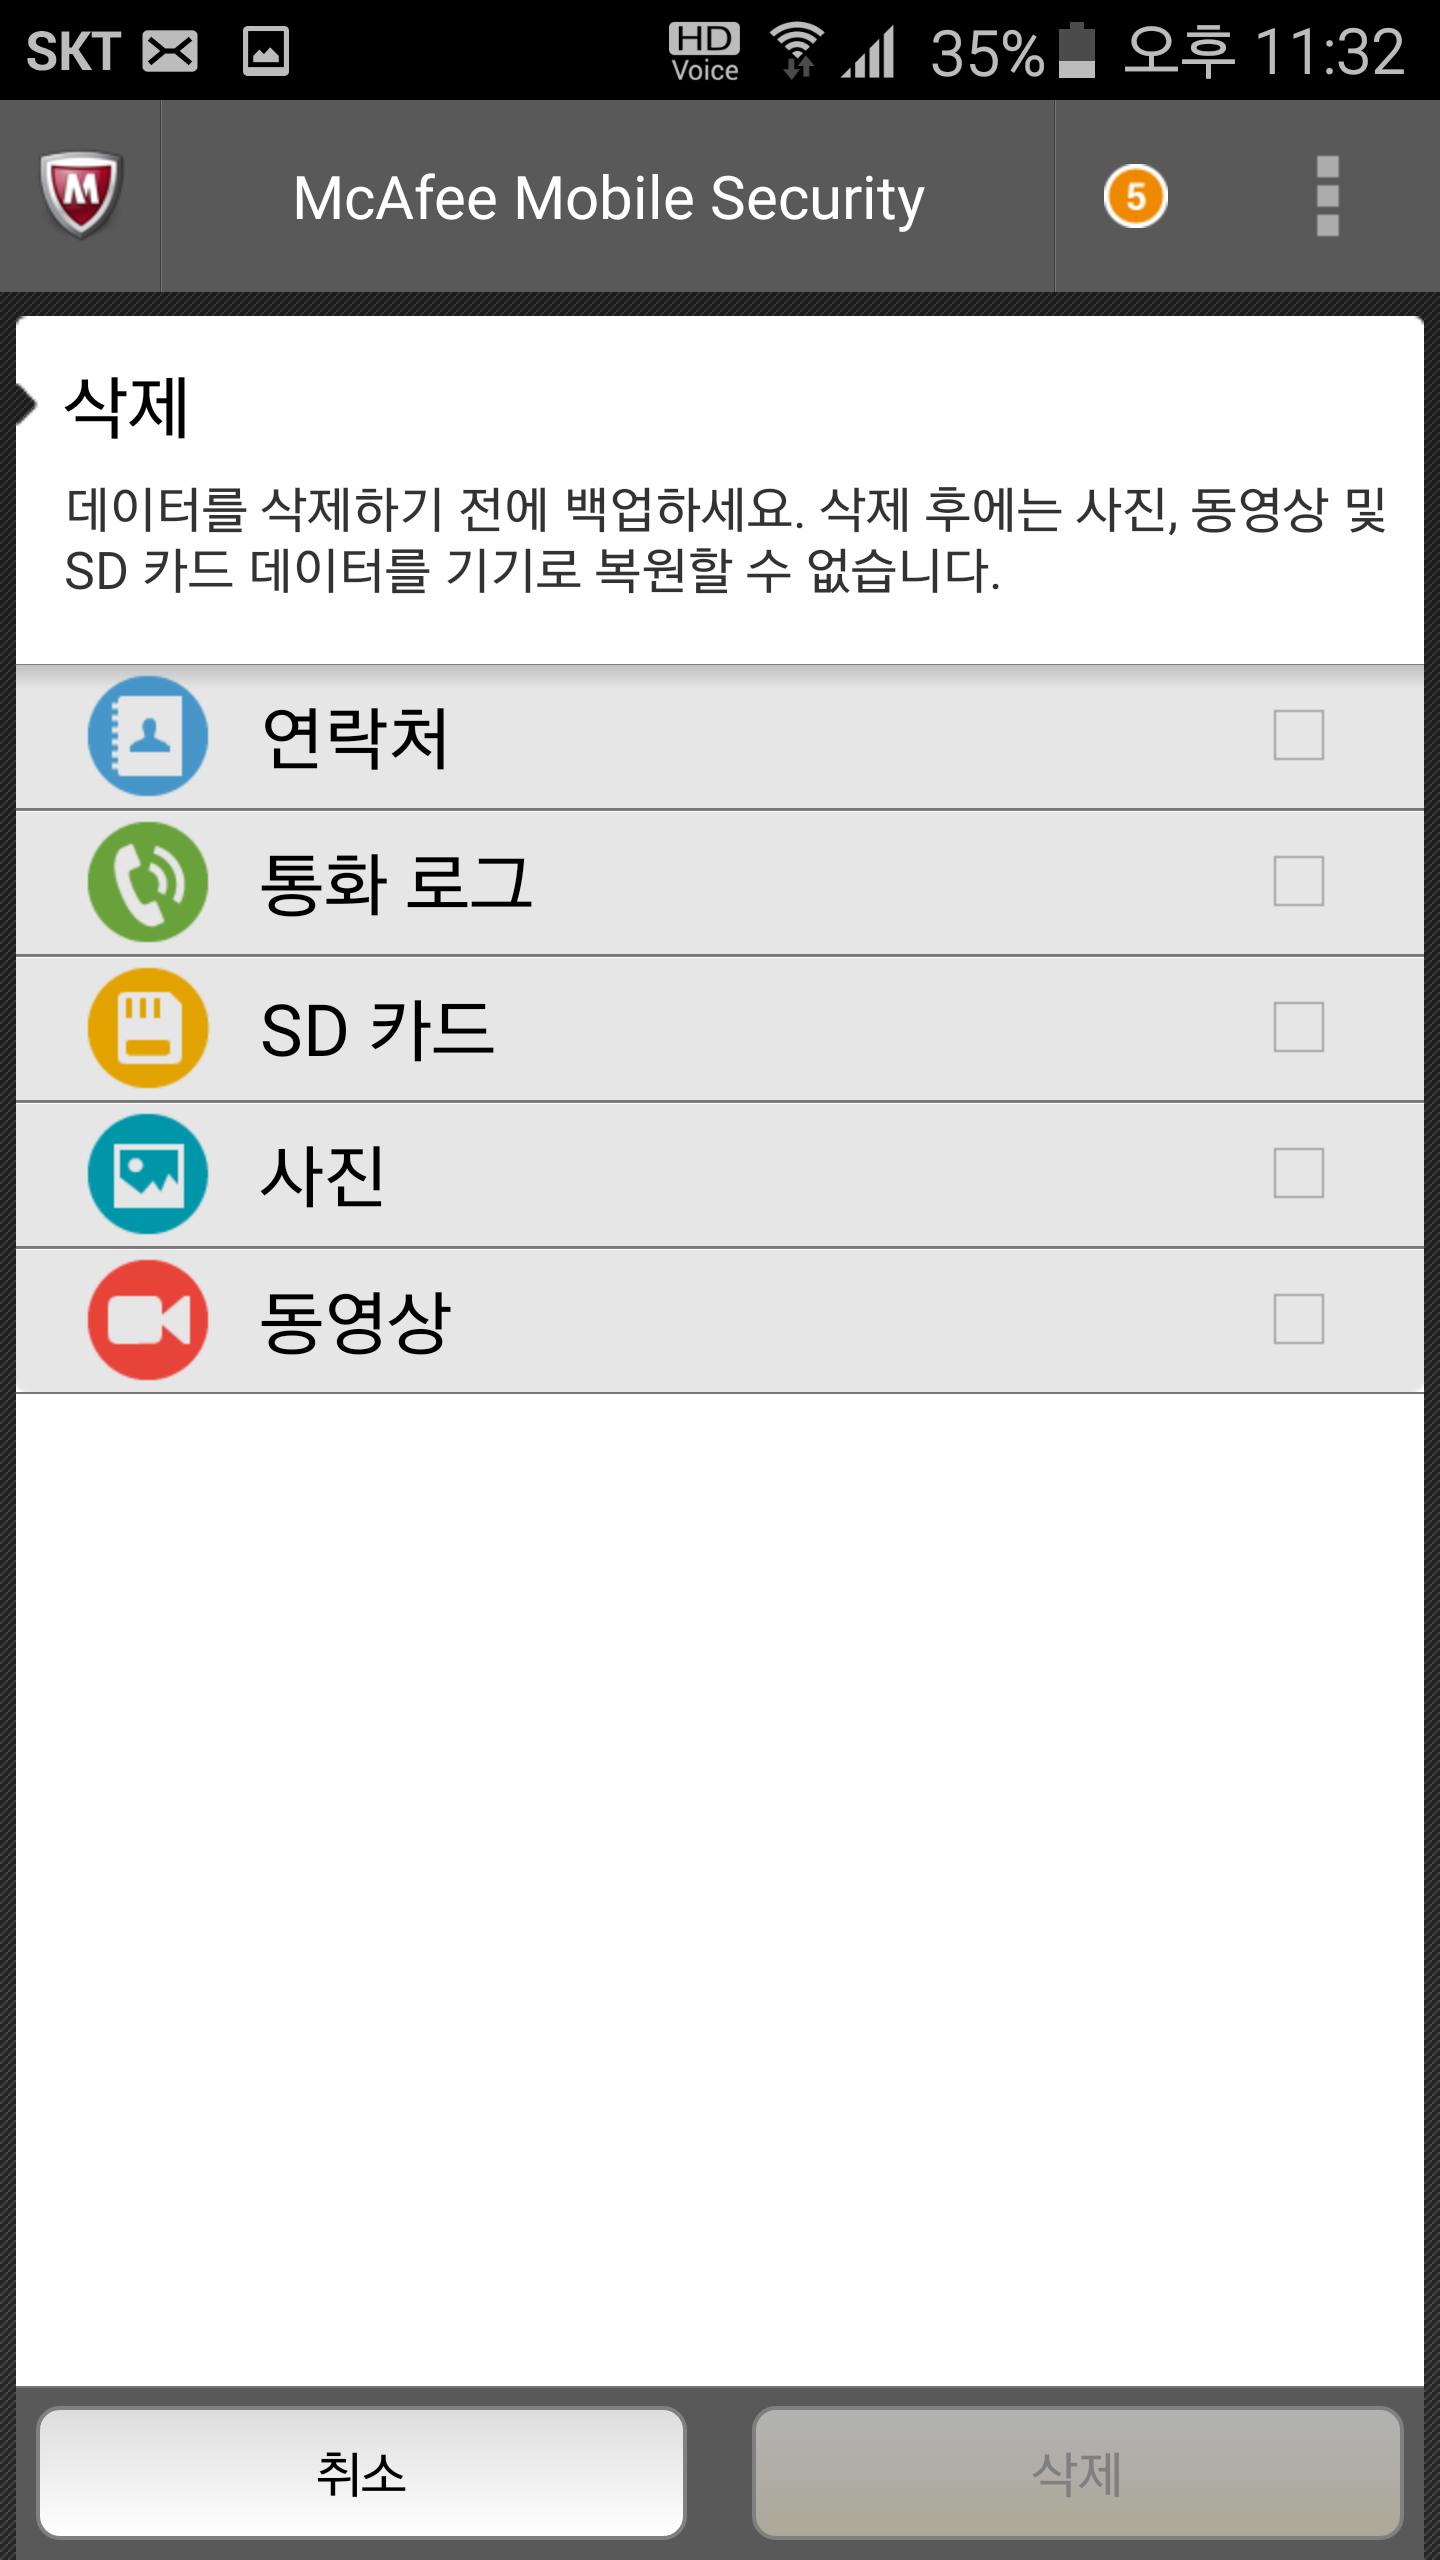 McAfee 모바일 시큐리티, 인텔 시큐리,티 갤럭시S6,LG G4, 보호한다,IT,Mobile Security,McAfee,맥아피,맥아피 모바일 시큐리티,갤럭시S6 ,기기분실,갤럭시S6 분실,LG G4 분실,스마트폰 분실,McAfee 모바일 시큐리티는 인텔 시큐리티社의 보안앱으로 LG G4를 위험으로 부터 보호하고 있습니다. LG G4의 경우에는 처음 초기 셋팅 하고 난 뒤 바로 맥아피 모바일 시큐리티를 바로 사용할 수 있습니다. McAfee 모바일 시큐리티 하면 아마도 백신만 생각하실텐데요. 사실은 기능이 더 많습니다. 인텔 시큐리티의 McAfee 모바일 시큐리티는 악성코드를 검사하는 기능 뿐만 아니라 사생활 보호 및 앱을 감시하는 기능, 스팸차단, 추적 잠금 삭제 기능, 위치 추적 및 경보, SOS 기능 등 다양한 기능을 가지고 있습니다. McAfee 모바일 시큐리티는 최신 스마트폰인 LG G4에 이미 들어간 상태입니다. 갤럭시S6의 스마트 매니저의 보안 기능도 인텔 시큐리티에서 제공하고 있습니다. 맥아피의 기능은 원래 상당히 많은데 최신 스마트폰에 미리 넣어둘 때 기능을 많이 축소하여 넣어두었습니다. 좀 더 간단하고 쉬운 사용을 위해서이죠.모바일 보안은 상당히 중요합니다. 스마트폰이 편리하고 모든것에 간단히 연결되는 만큼 반대로 스마트폰이 보안이 뚫리게 되면 개인의 사생활 정보는 물론 가장 중요한 디바이스를 정상적으로 못쓰게 되는 한편 너무 심각한 문제가 생기게 됩니다. McAfee 모바일 시큐리티는 디바이스의 최적화 관리는 물론 권한을 너무 많이 가진 앱을 보고 하고 알려주며, 스마트폰의 악성코드를 실시간으로 감시하고, 폰을 만약 잃어버렸을 때 폰을 찾을 수 있게 해주며, 만약 타인이 스마트폰의 내용을 지우려고 한다면 잠금을 해서 지우지 못하게 할 수 있습니다. 만약 더 중요한 데이터가 있어서 강제로 삭제를 해야한다면 삭제도 가능하죠. 위치 추적도 가능하며, 경고를 보낼 수 도 있습니다. 이런 수많은 기능들은 대부분 무료로 제공되며, 미디어 업로드, 기술지원, 광고없는 앱 화면만 사용 시에는 유료로 사용할 수 있습니다. 최신 스마트폰이 아니더라도 스마트폰으로 거의 모든 개인 정보를 관리하는 분들은 꼭 설치해둬야 할만한 앱인 것입니다. 아래에서는 갤럭시S6와 LG G4에 McAfee가 어떤식으로 활용되고 있는지 살펴보며, 앱을 직접 설치시에 얼마나 많은 작업이 가능한지 알아볼 것입니다.